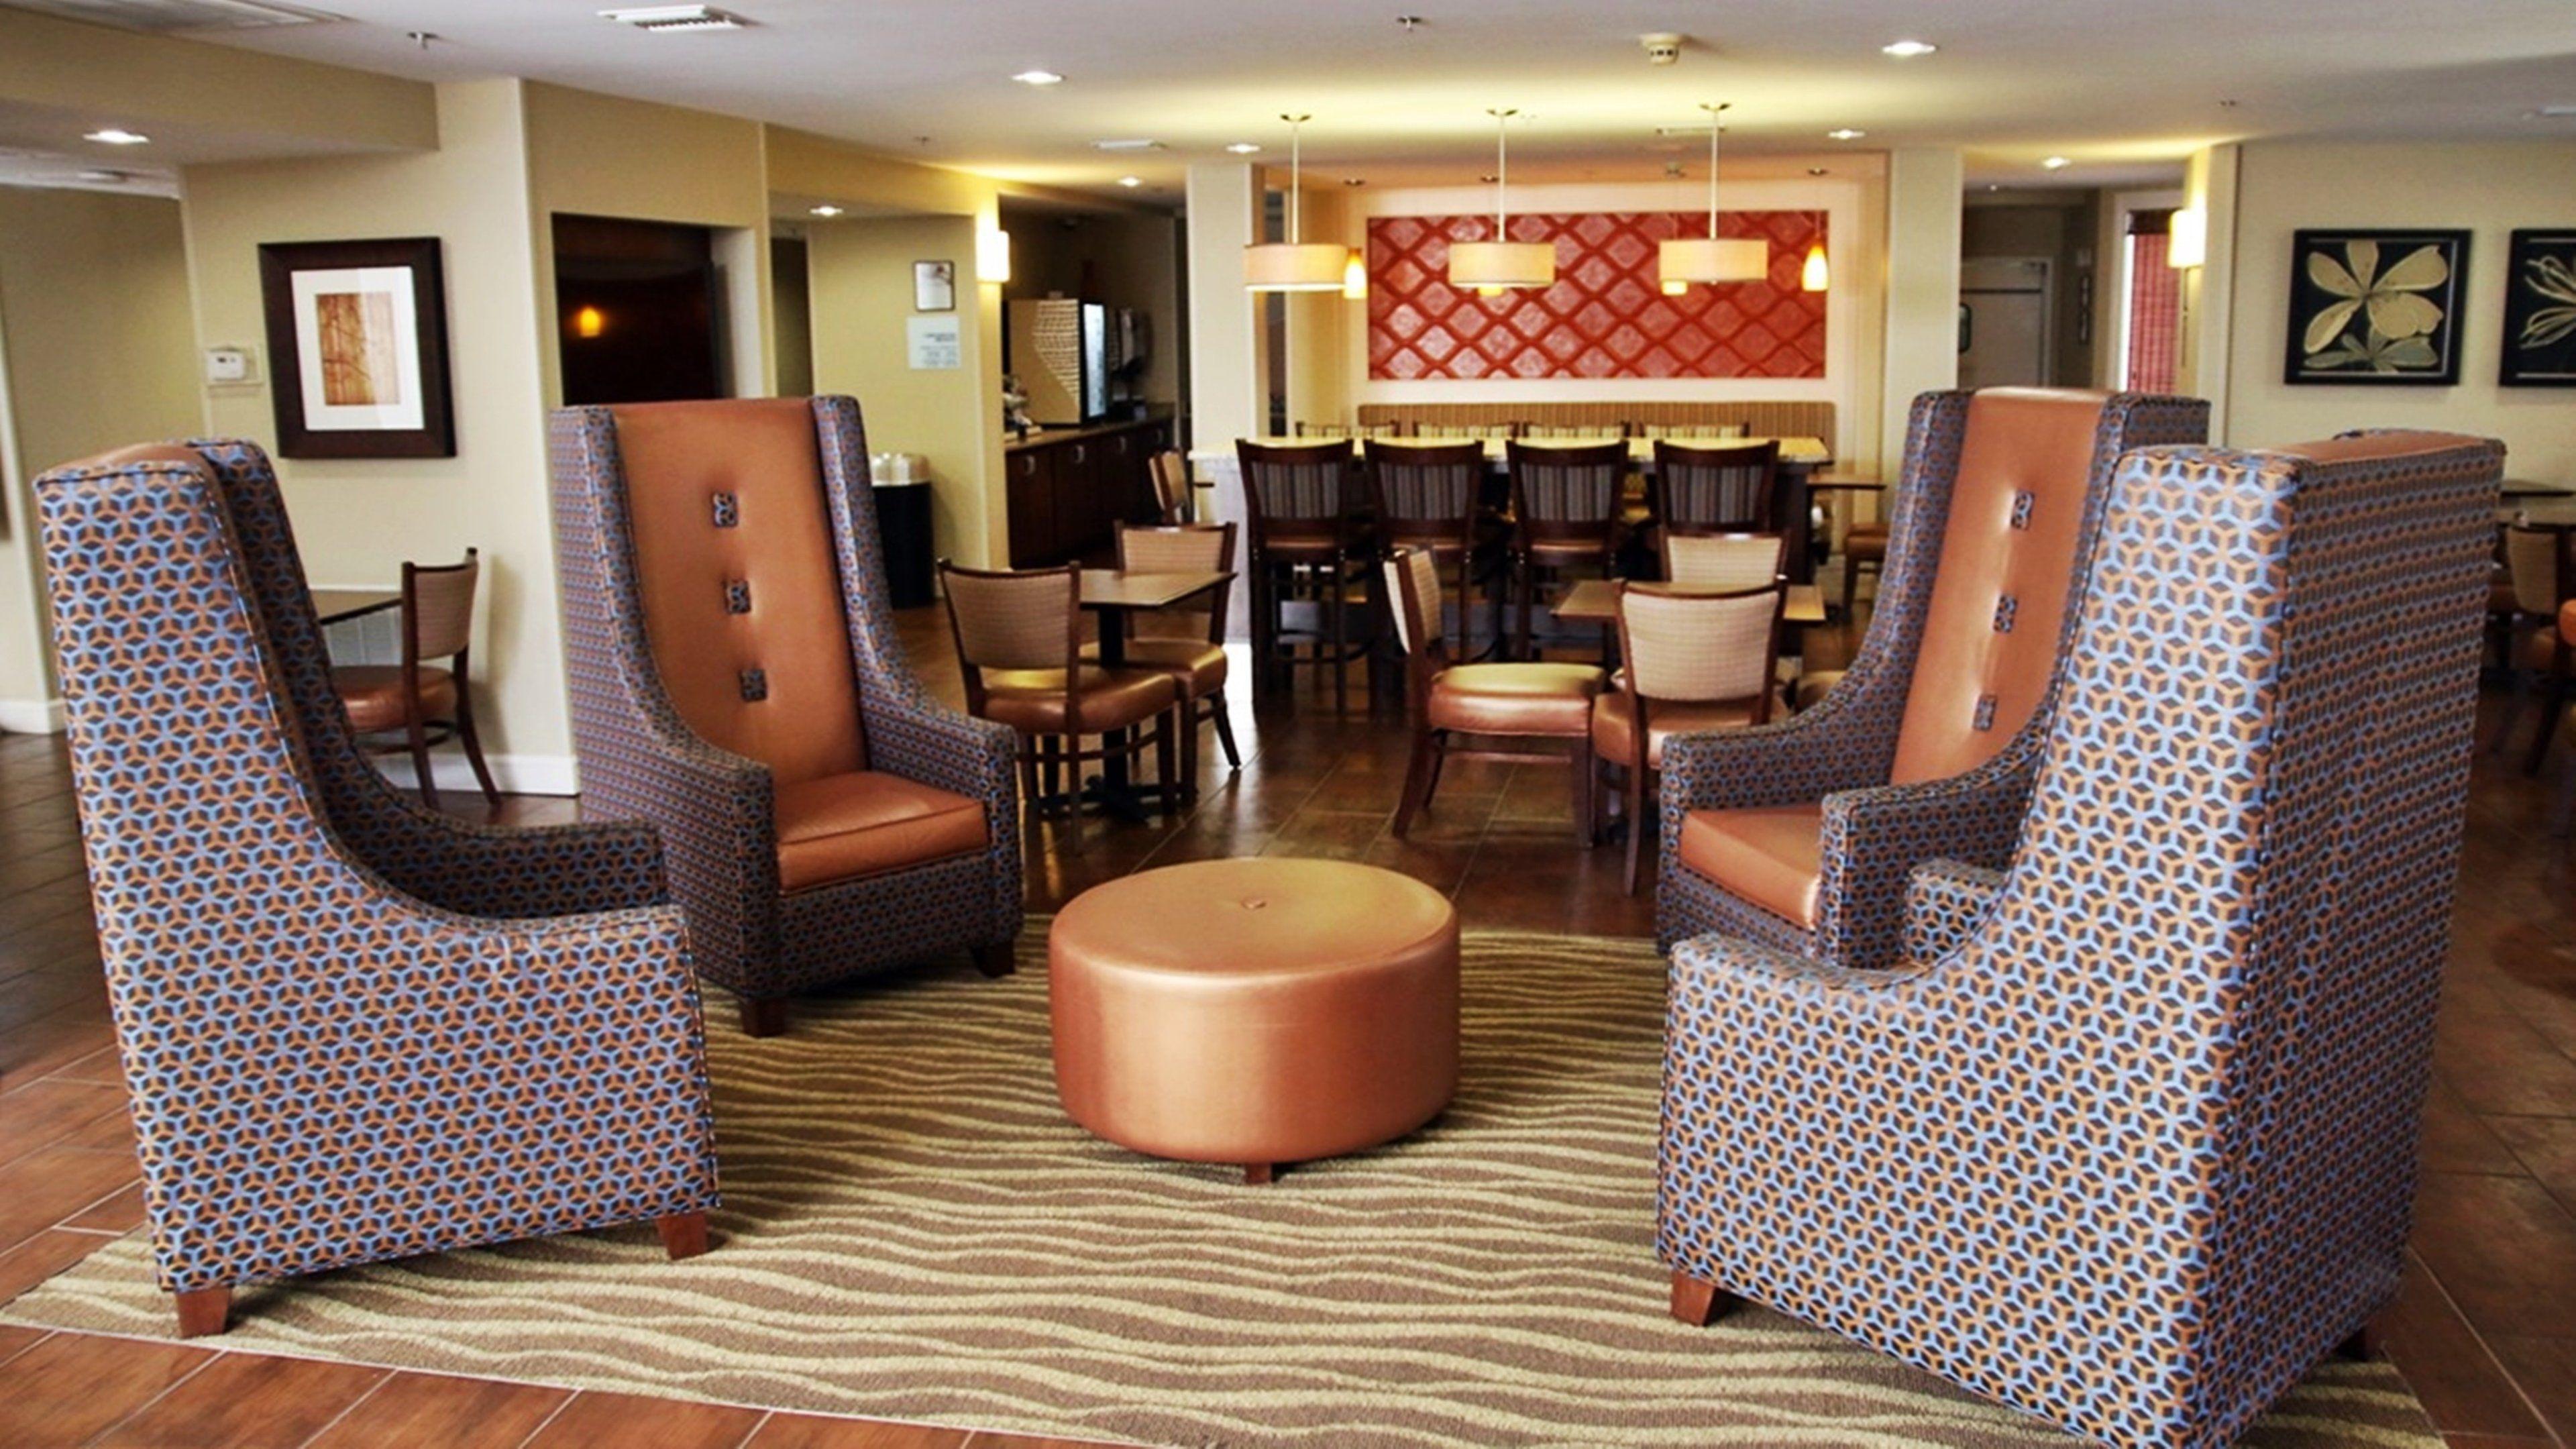 Holiday Inn Express Tifton image 4